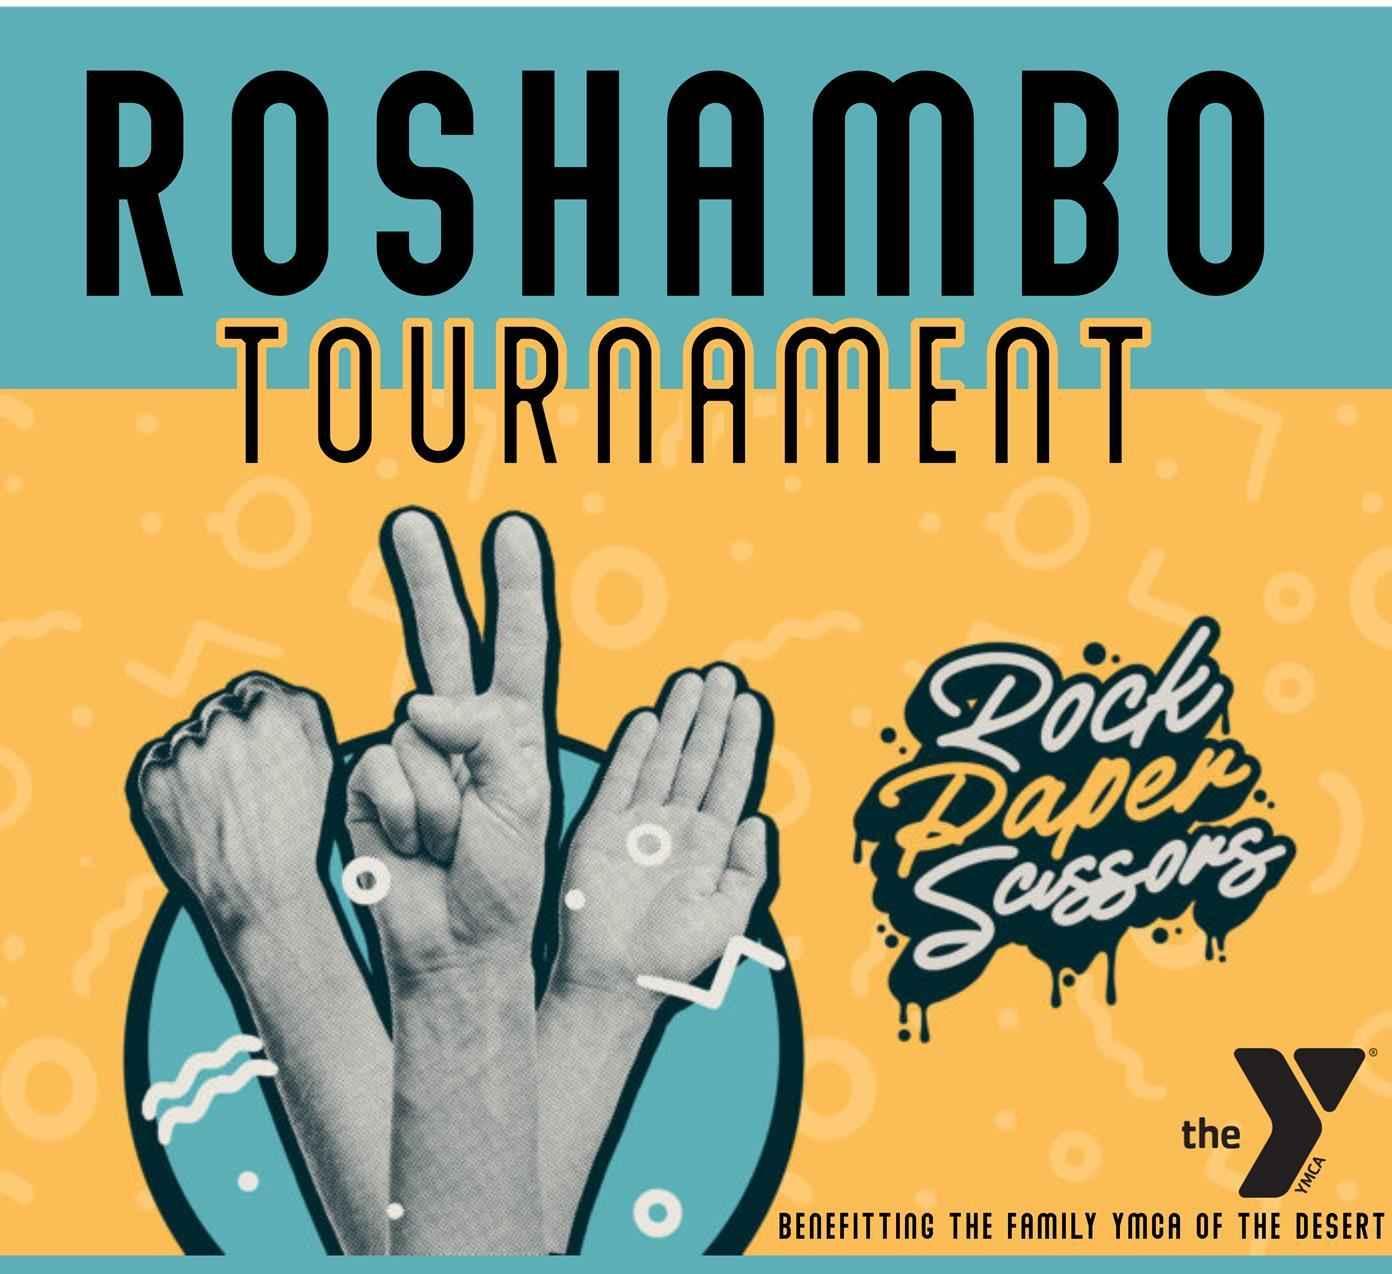 Roshambo Tournament image